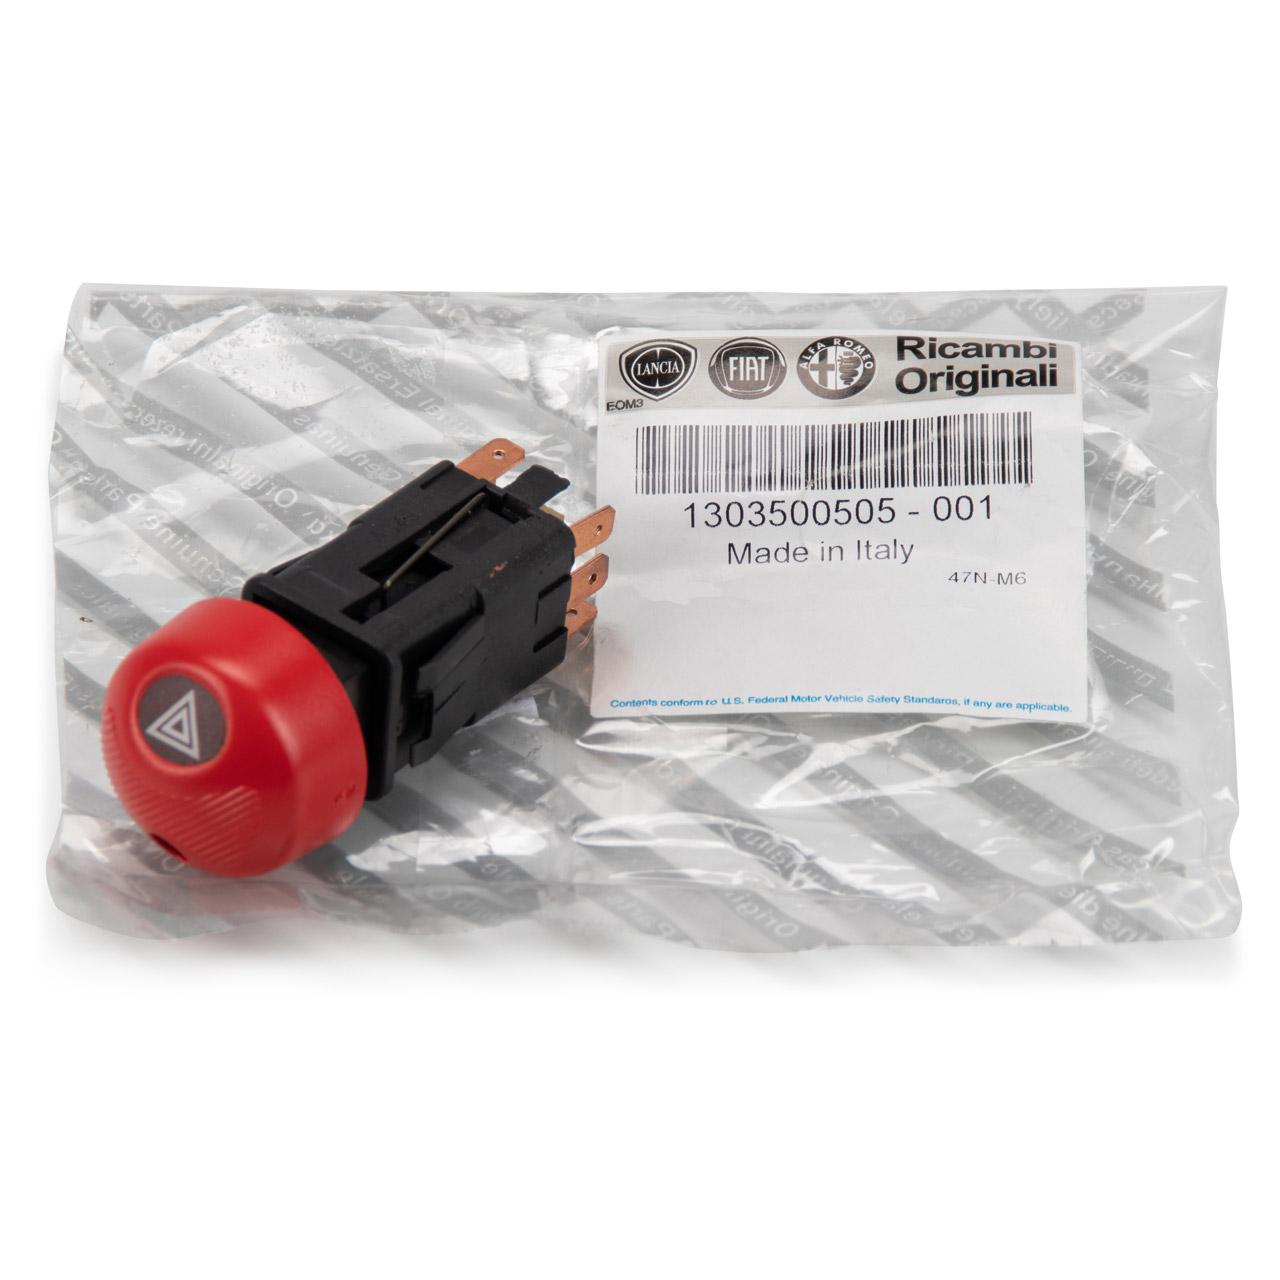 ORIGINAL Fiat Warnblinkschalter Warnblinker Warnblinklicht DUCATO 230 1303500505